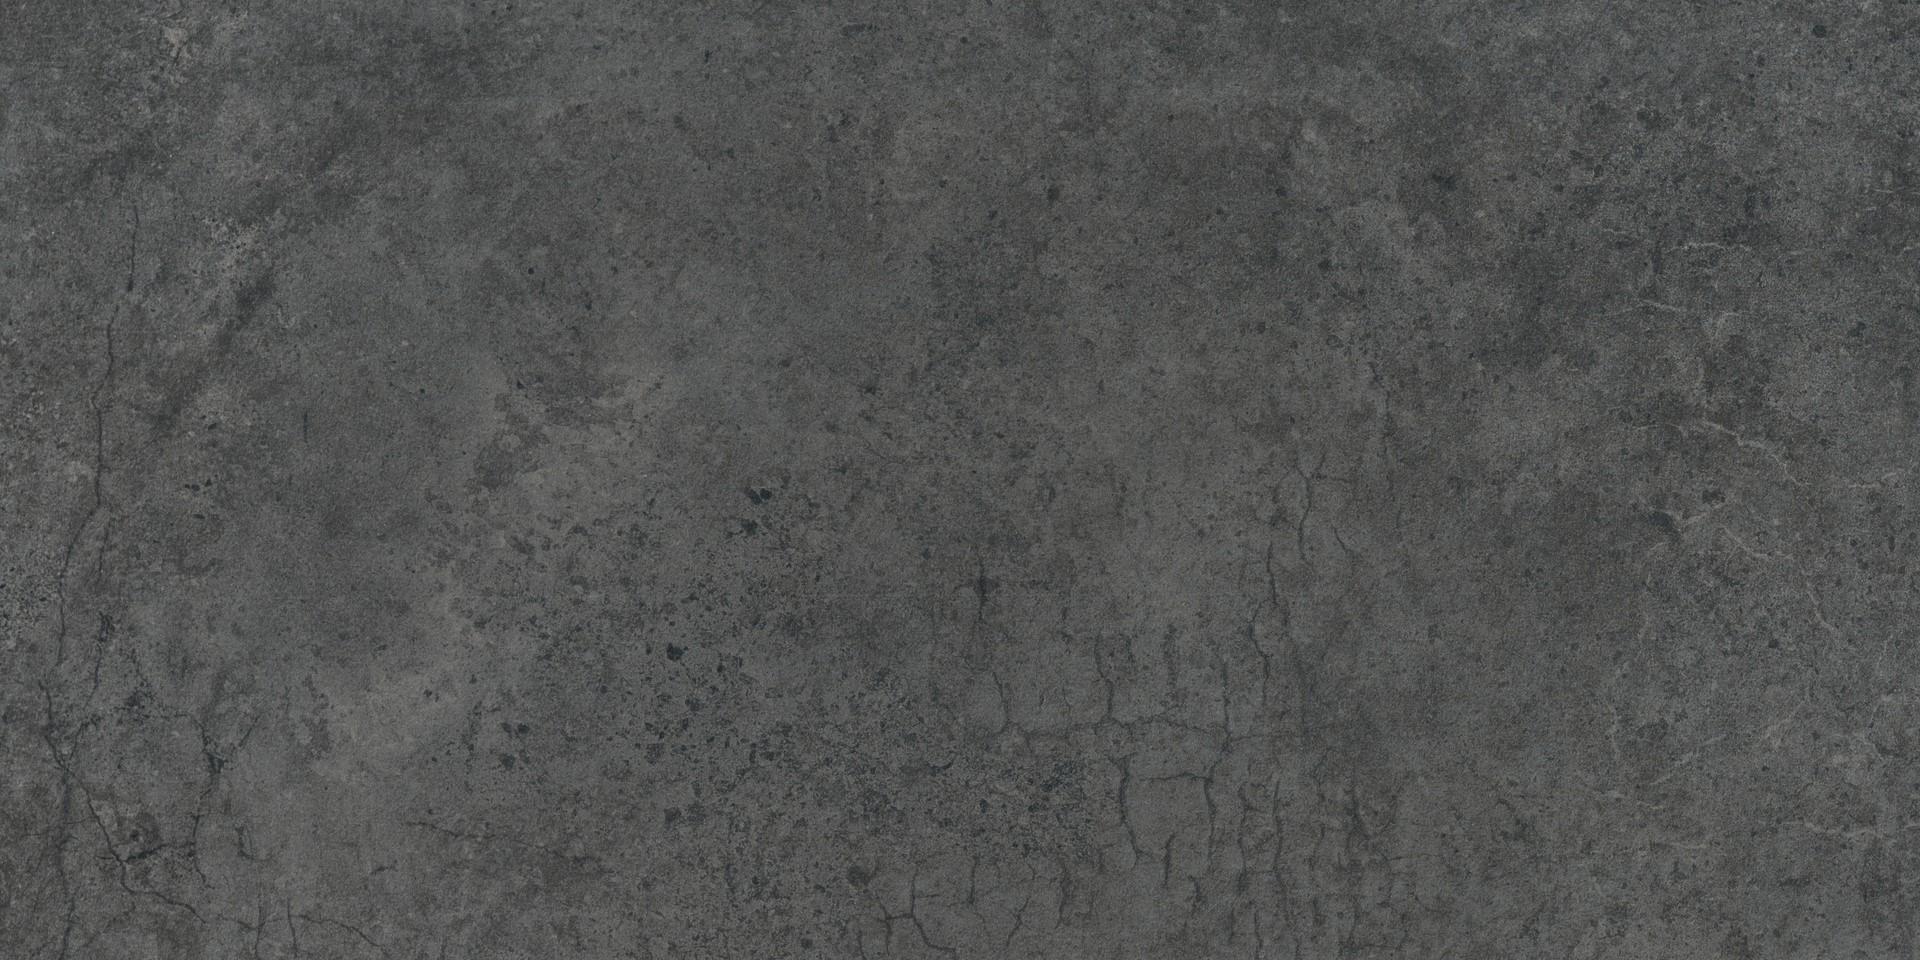 Dlažba Dark 30x60 cm, mat, rect.